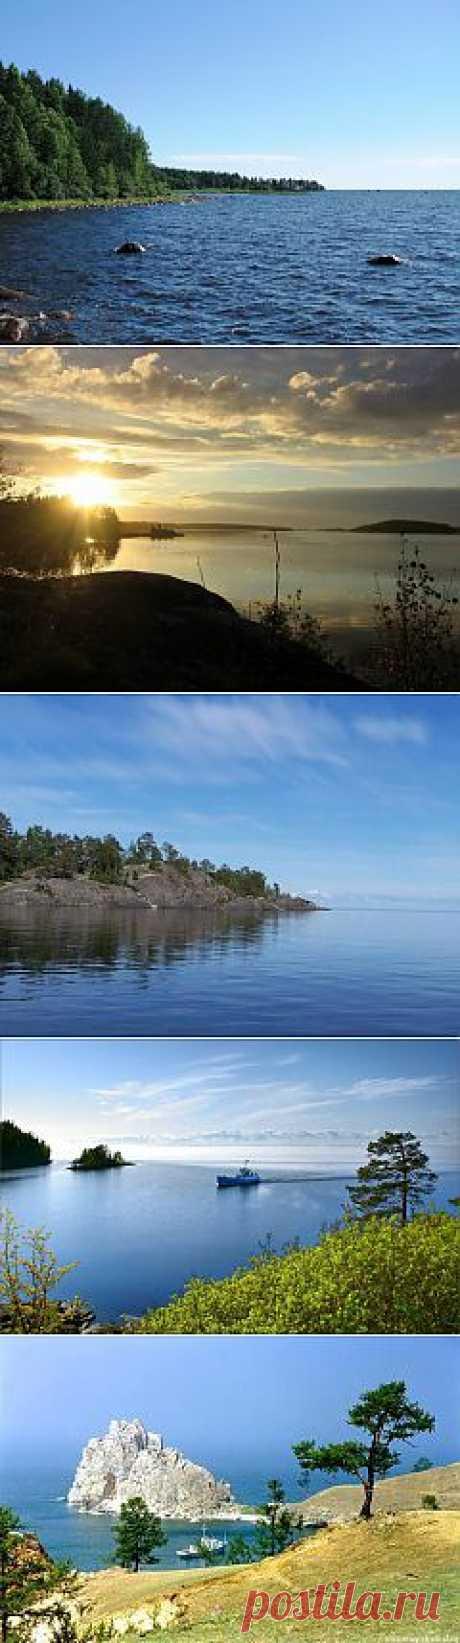 (+1) сообщ - Удивительное Ладожское озеро | УДИВИТЕЛЬНОЕ